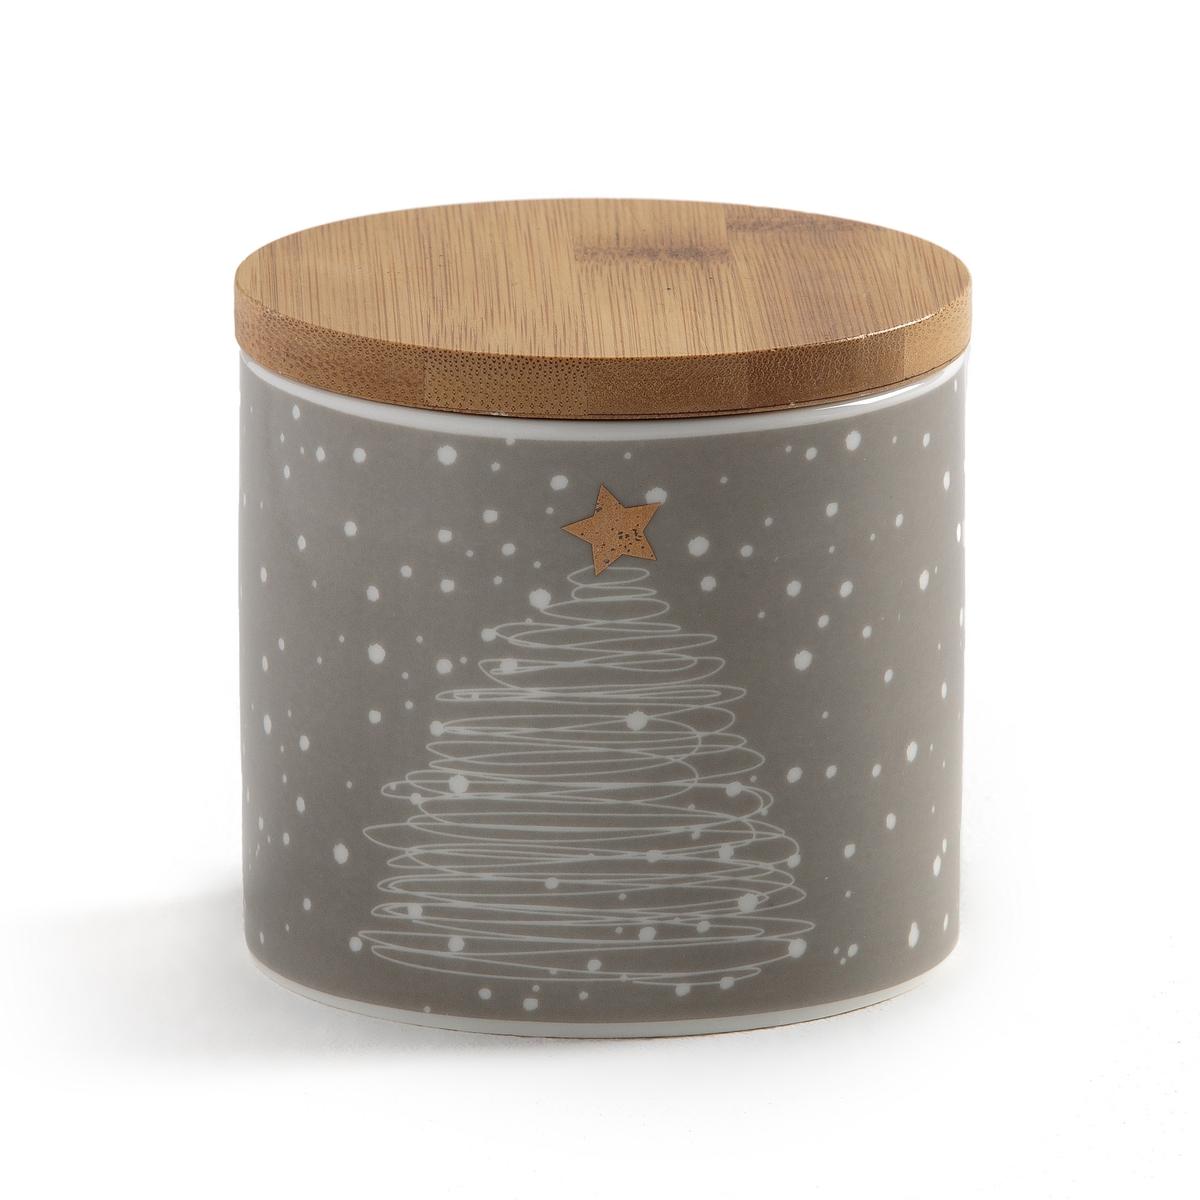 Коробка для хранения с новогодним рисунком STRADOОписание:Практичная и красивая коробка для хранения Strado добавит «новогоднего волшебства» для украшения праздника. Продается в подарочной упаковке.Характеристики коробки для хранения Strado :Из фарфора с крышкой из бамбука.Рисунок елка с белым снегом.Размеры коробки для хранения Strado :Диаметр : 10 см Высота : 9,5 смВсю коллекцию Strado вы можете найти на сайте laredoute.ru<br><br>Цвет: серо-коричневый/белый